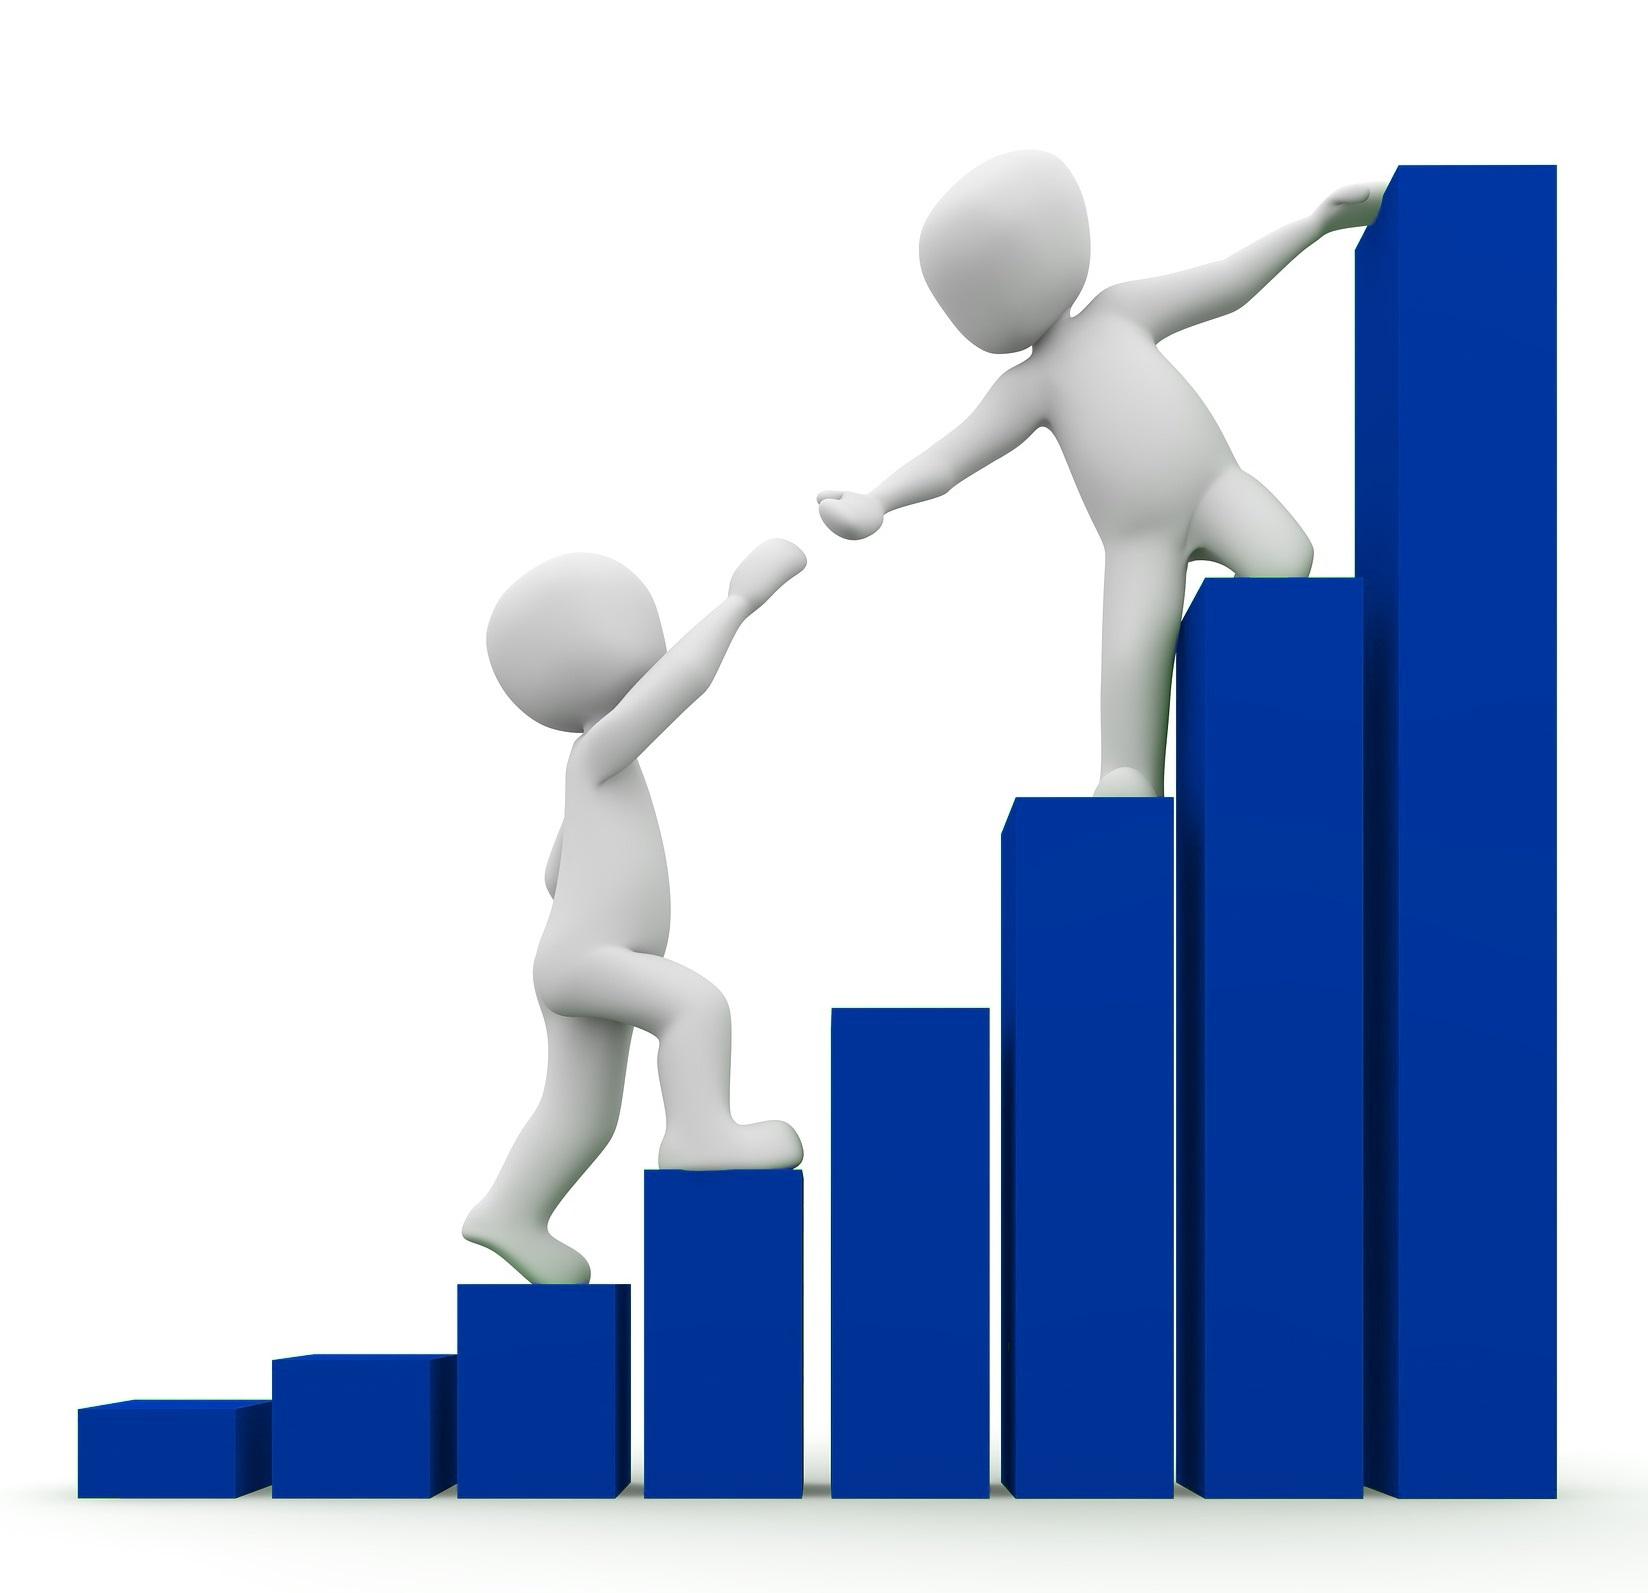 Kaltakquise Seminare Seminar Schulung Training Unternehmen Verkauf Verkaufsquoten Verkaufs-Weiterbildung Ulrike Knauer München Verkaufsexpertin Verkauf Workshop erhöhen